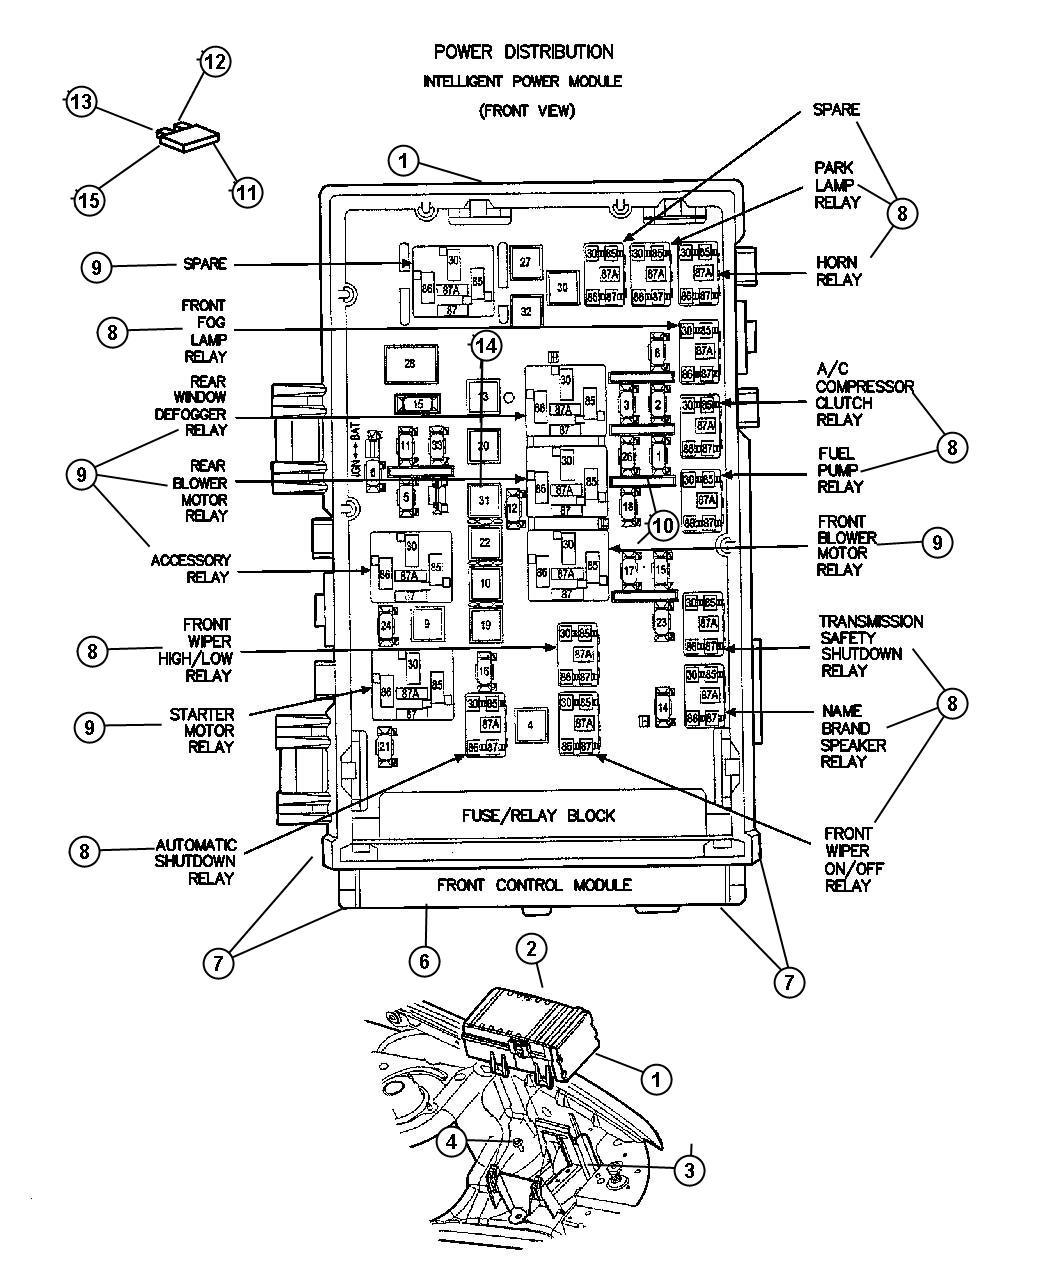 2001 chrysler voyager radio fuse